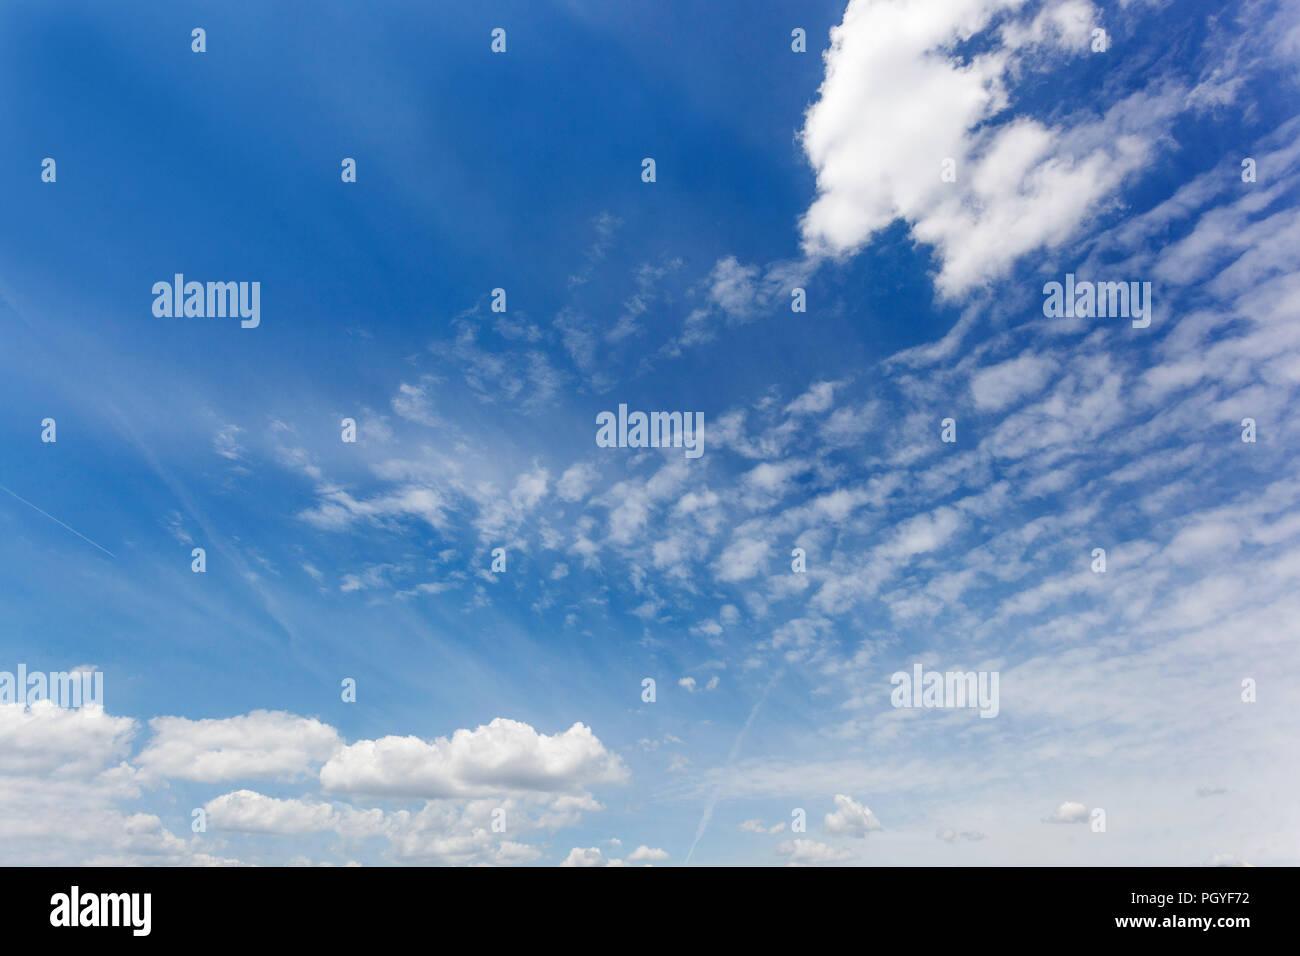 Flauschige weiße Wolken am blauen Himmel Stockbild